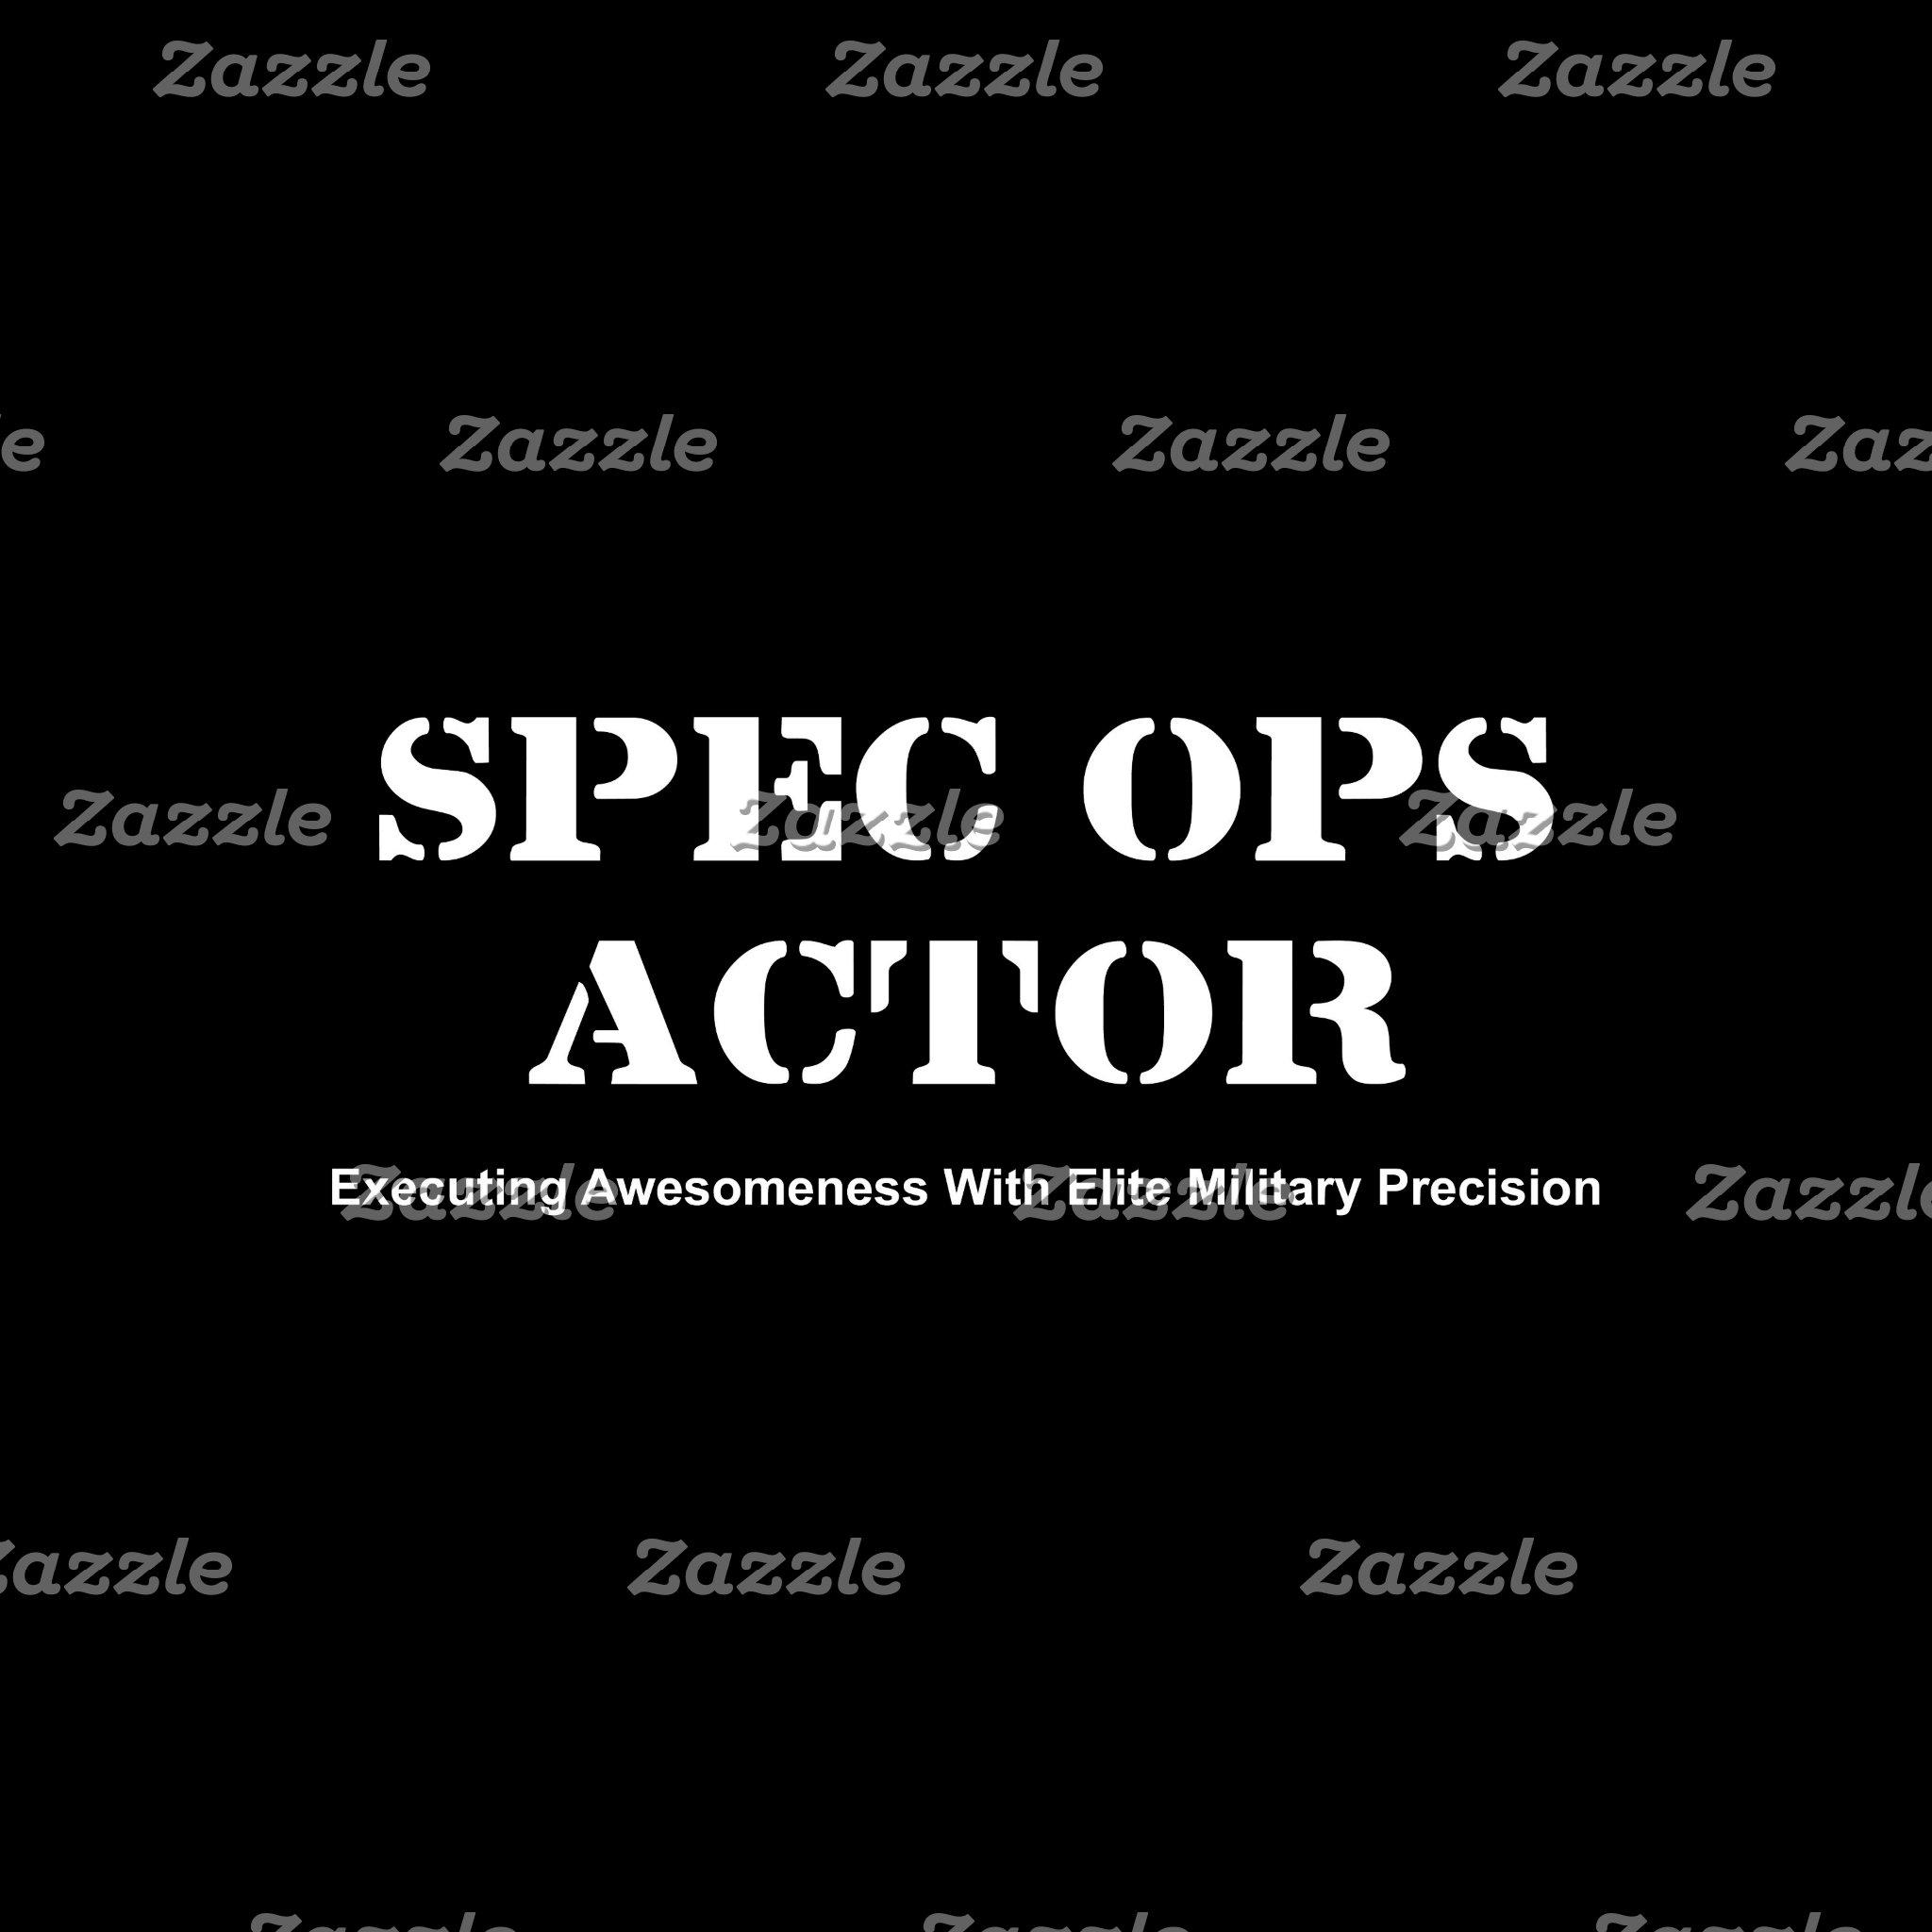 Spec Ops Actor